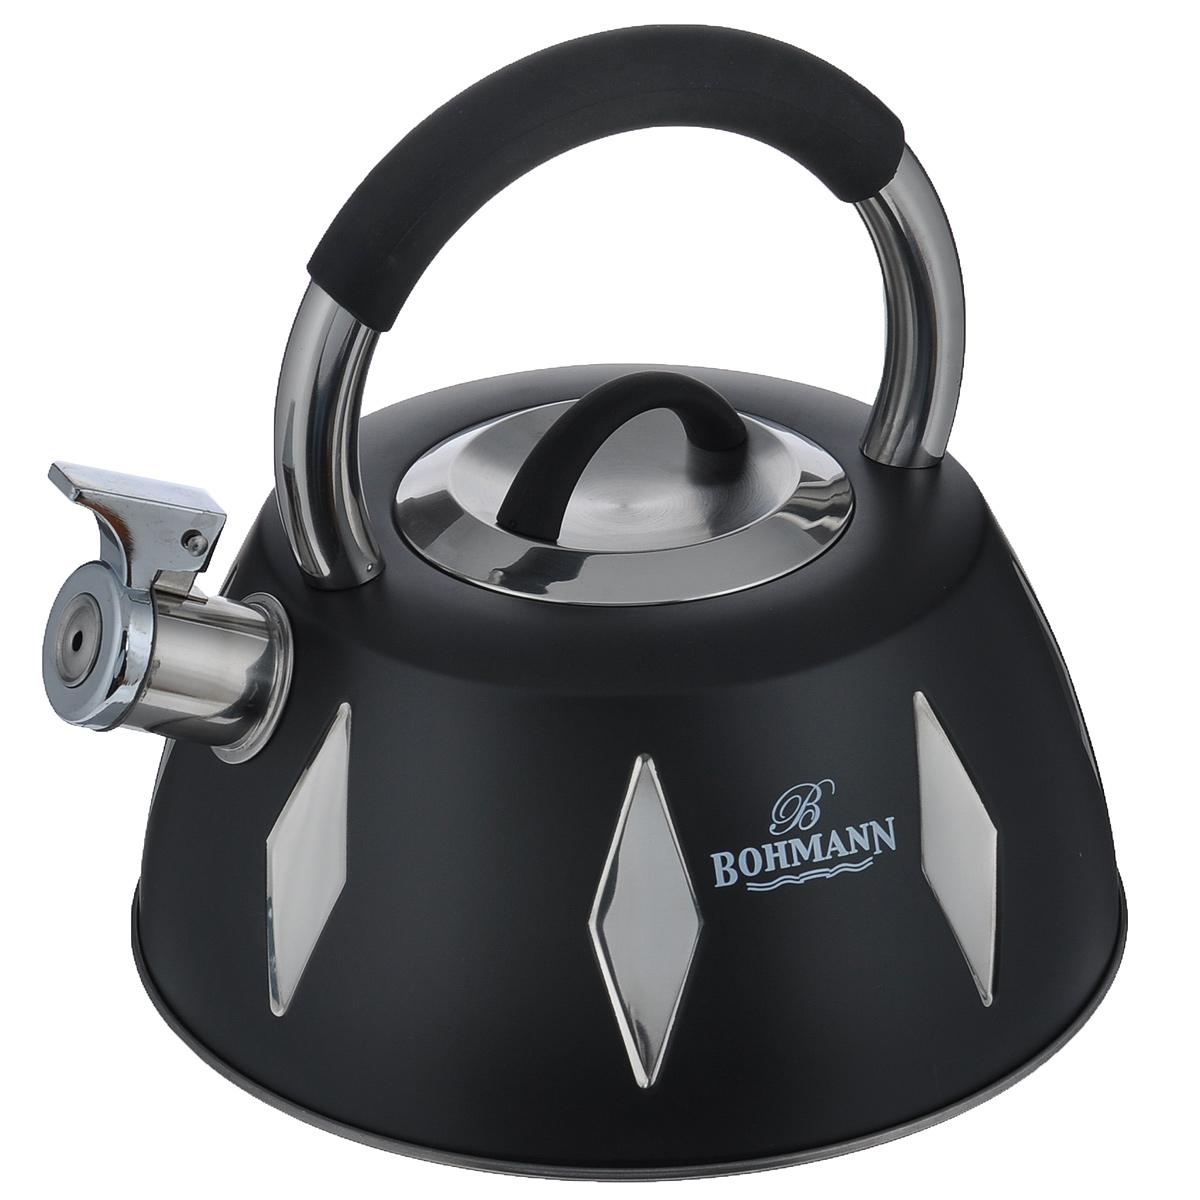 Чайник Bohmann со свистком, цвет: черный, 3,5 л. BH - 994810695-16Чайник Bohmann изготовлен из высококачественной нержавеющей стали с цветным матовым покрытием. Нержавеющая сталь - материал, из которого в течение нескольких десятилетий во всем мире производятся столовые приборы, кухонные инструменты и различные аксессуары. Этот материал обладает высокой стойкостью к коррозии и кислотам. Прочность, долговечность и надежность этого материала, а также первоклассная обработка обеспечивают практически неограниченный запас прочности и неизменно привлекательный внешний вид. Чайник оснащен удобной ручкой с цветной силиконовой вставкой, что предотвращает появление ожогов и обеспечивает безопасность использования. Носик чайника имеет откидной свисток, который подскажет, когда вода закипела. Можно использовать на газовых, электрических, галогеновых, стеклокерамических, индукционных плитах. Можно мыть в посудомоечной машине.